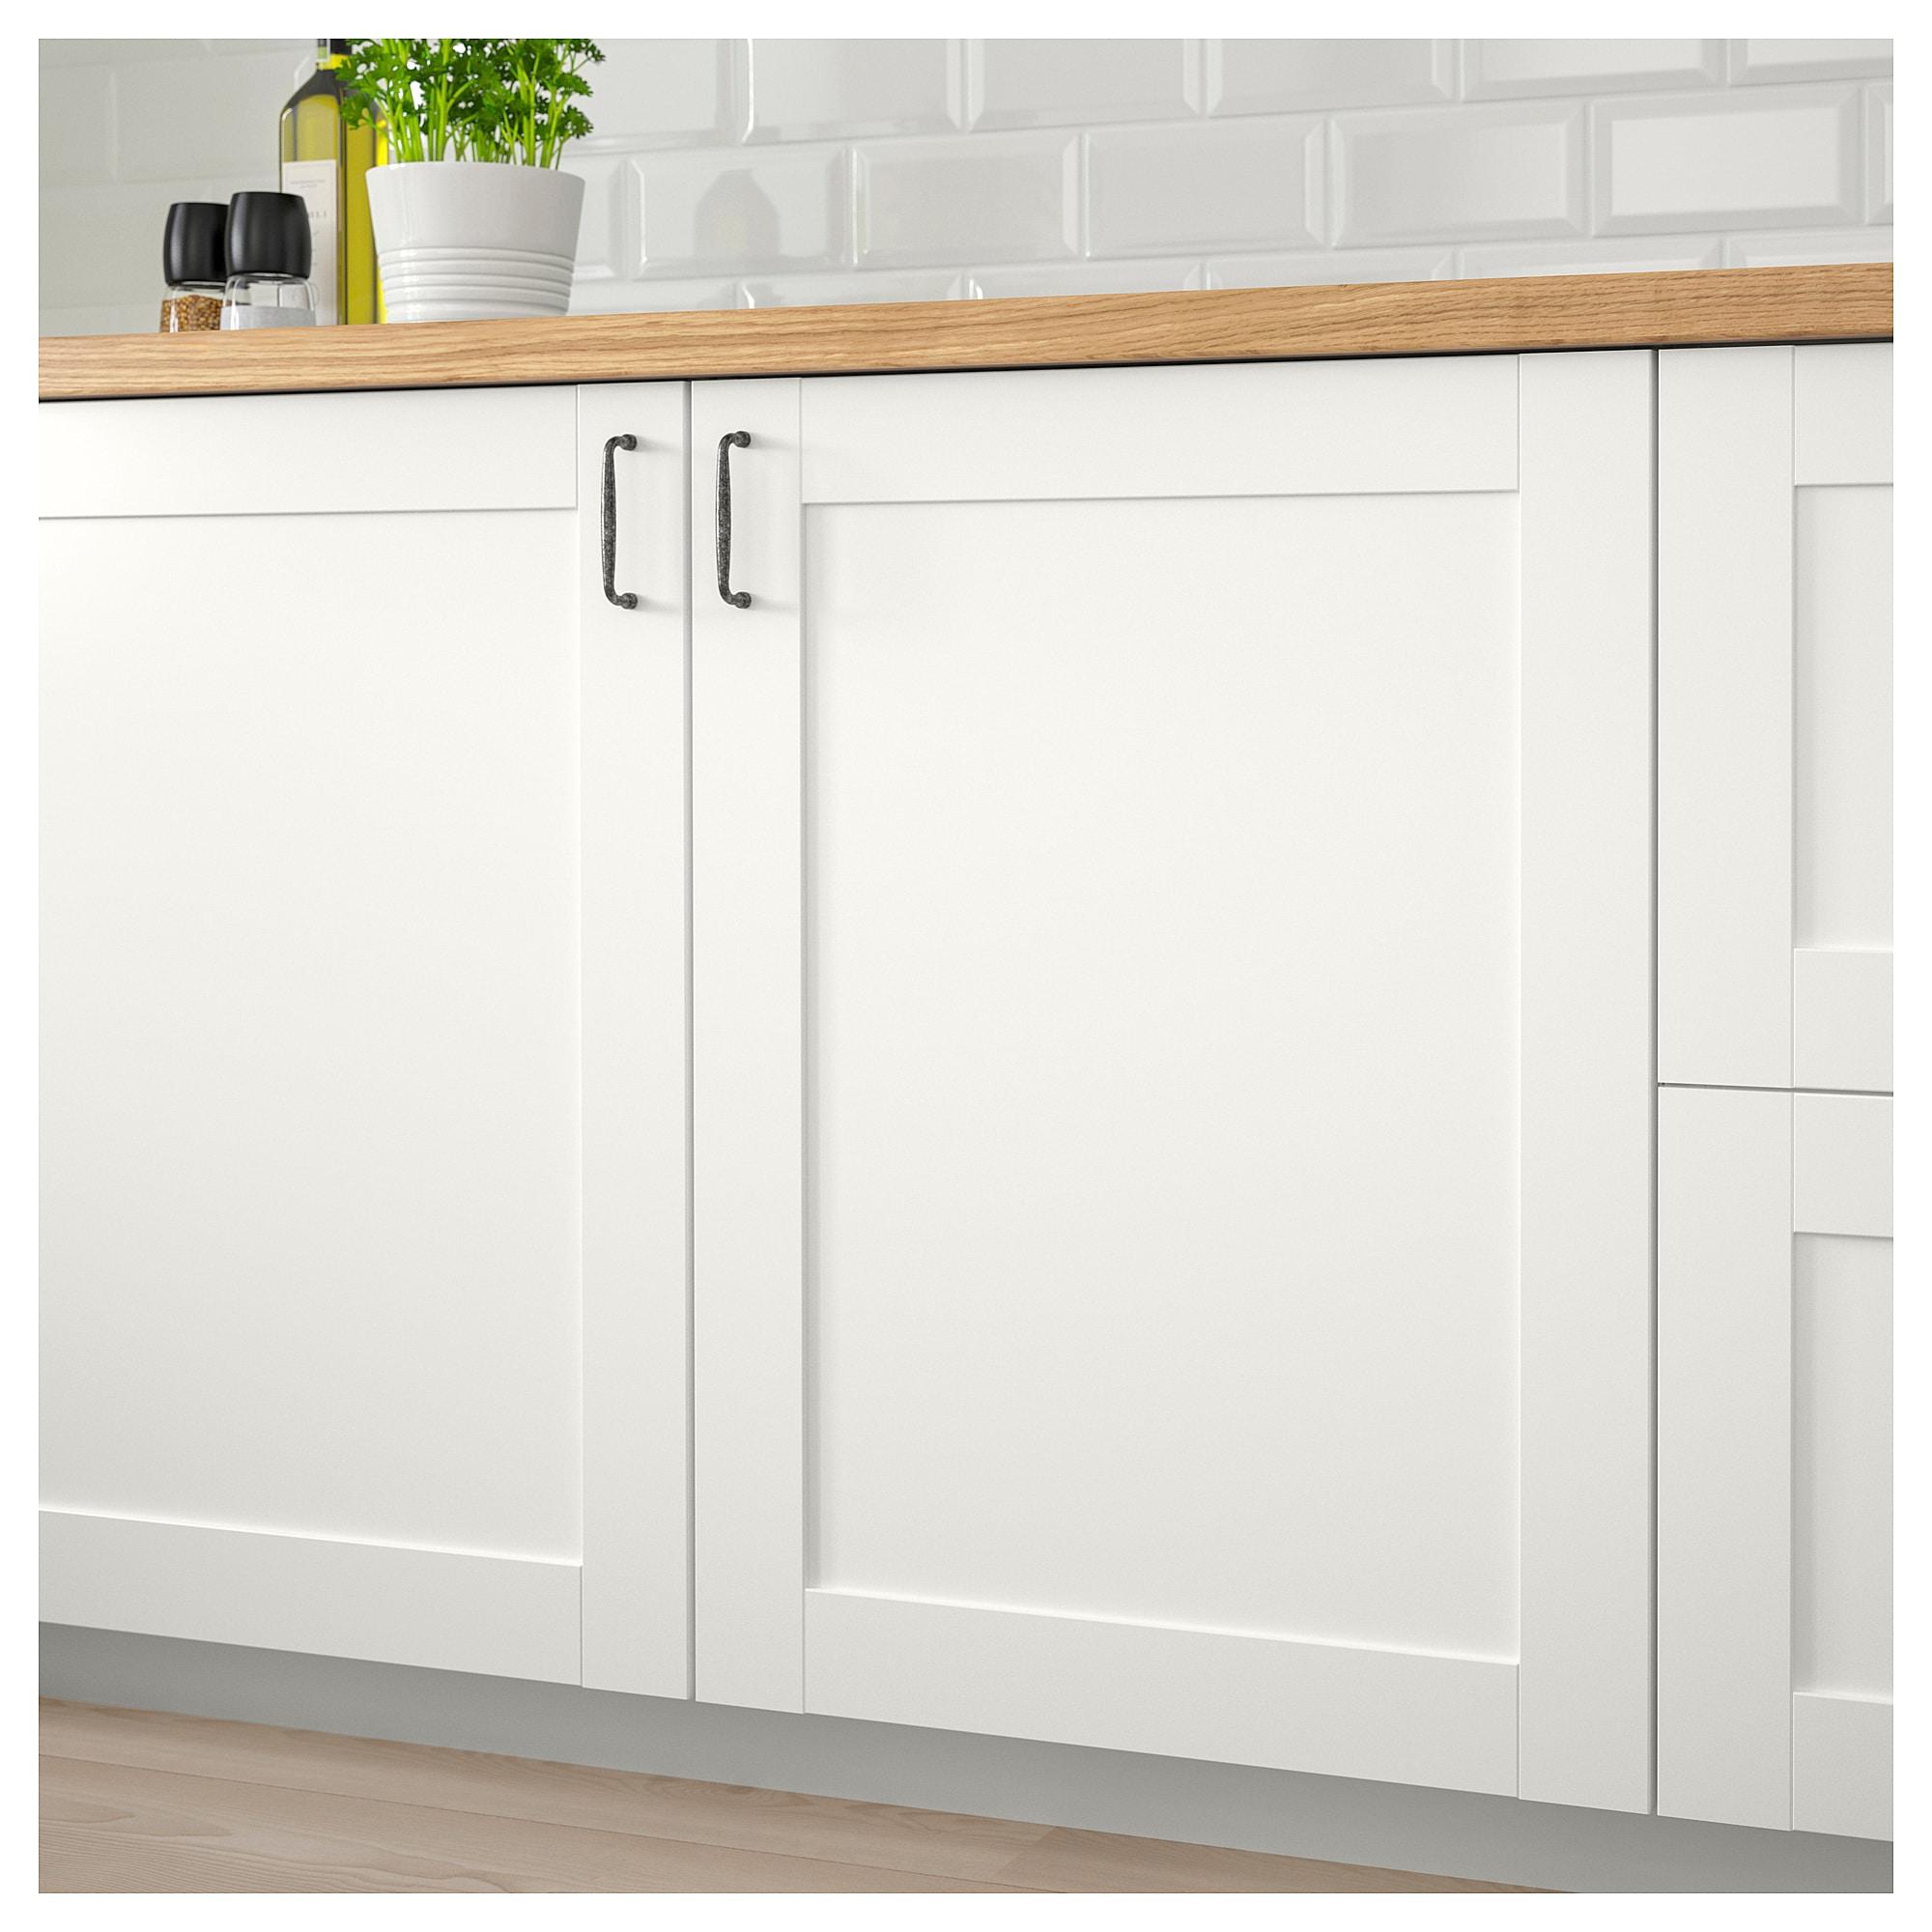 Dom I Meble Ikea Wandschrank Mit Tur Weiss 60x31x60 Cm